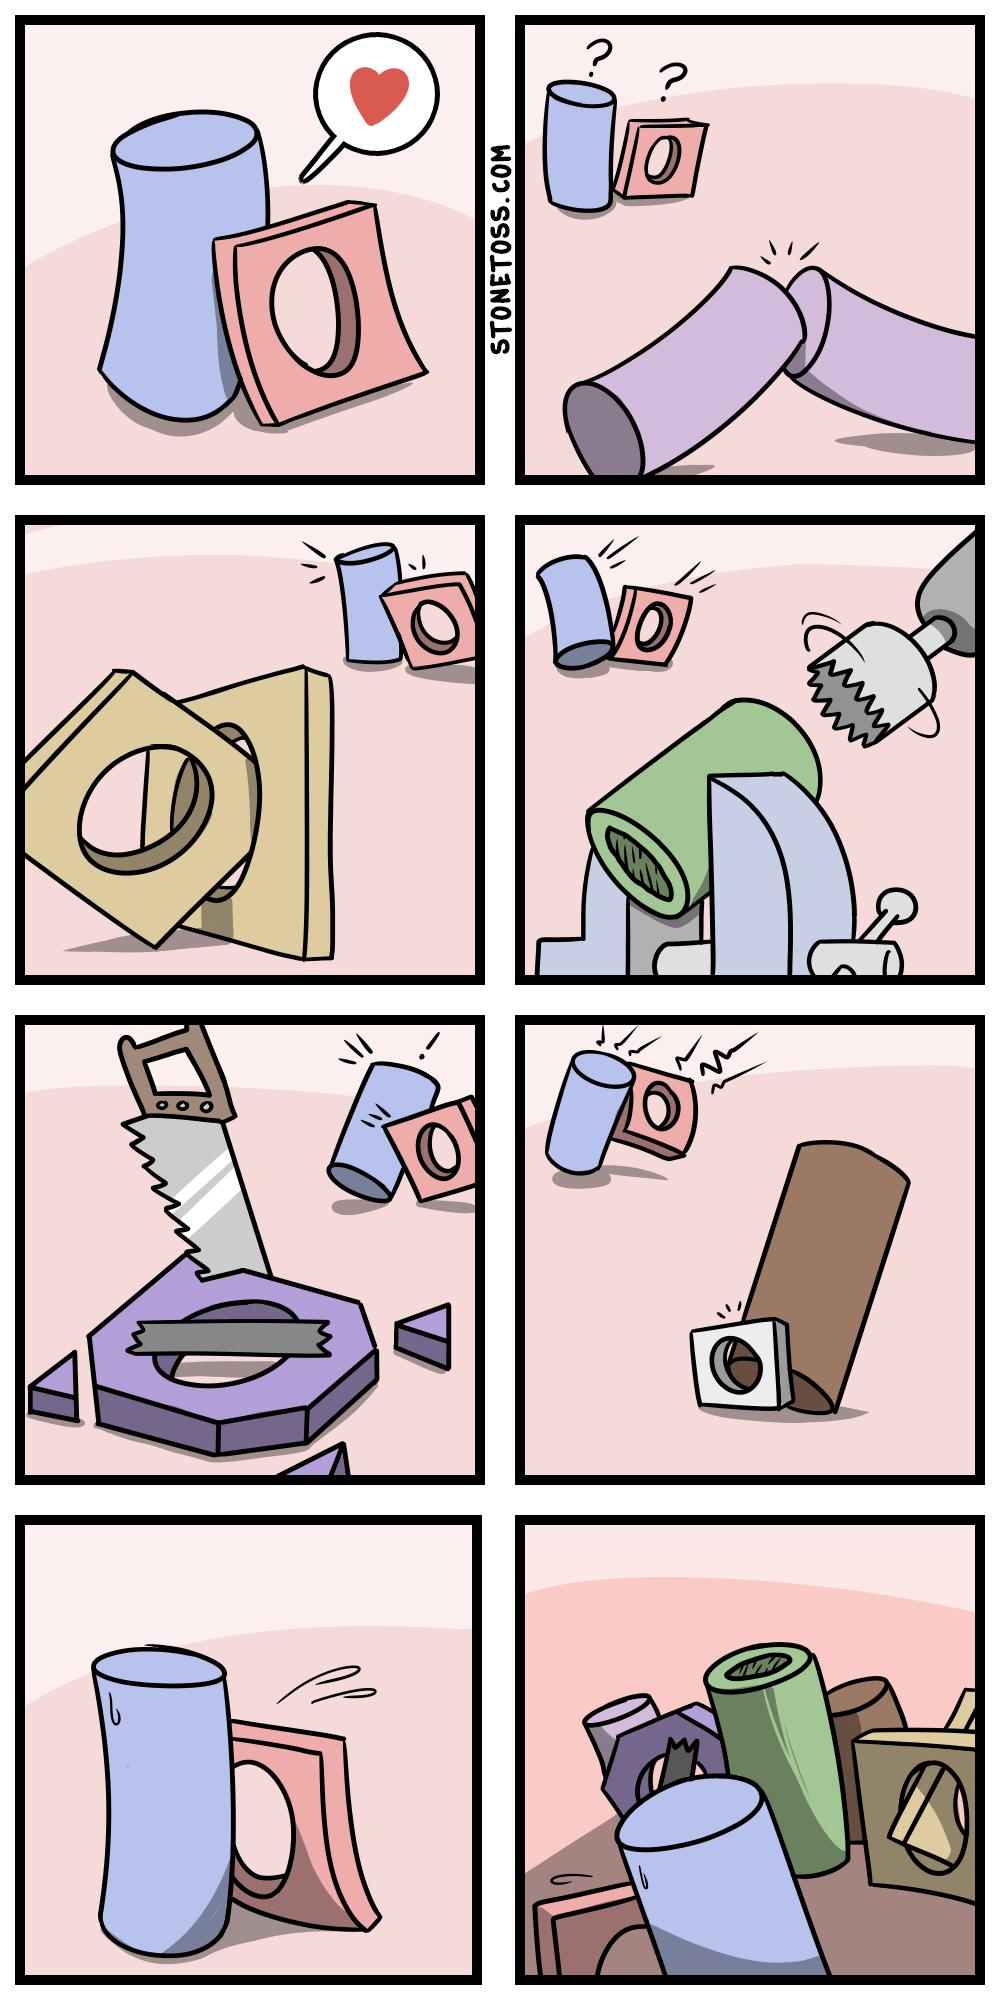 lgbtp-blocks-comic.png